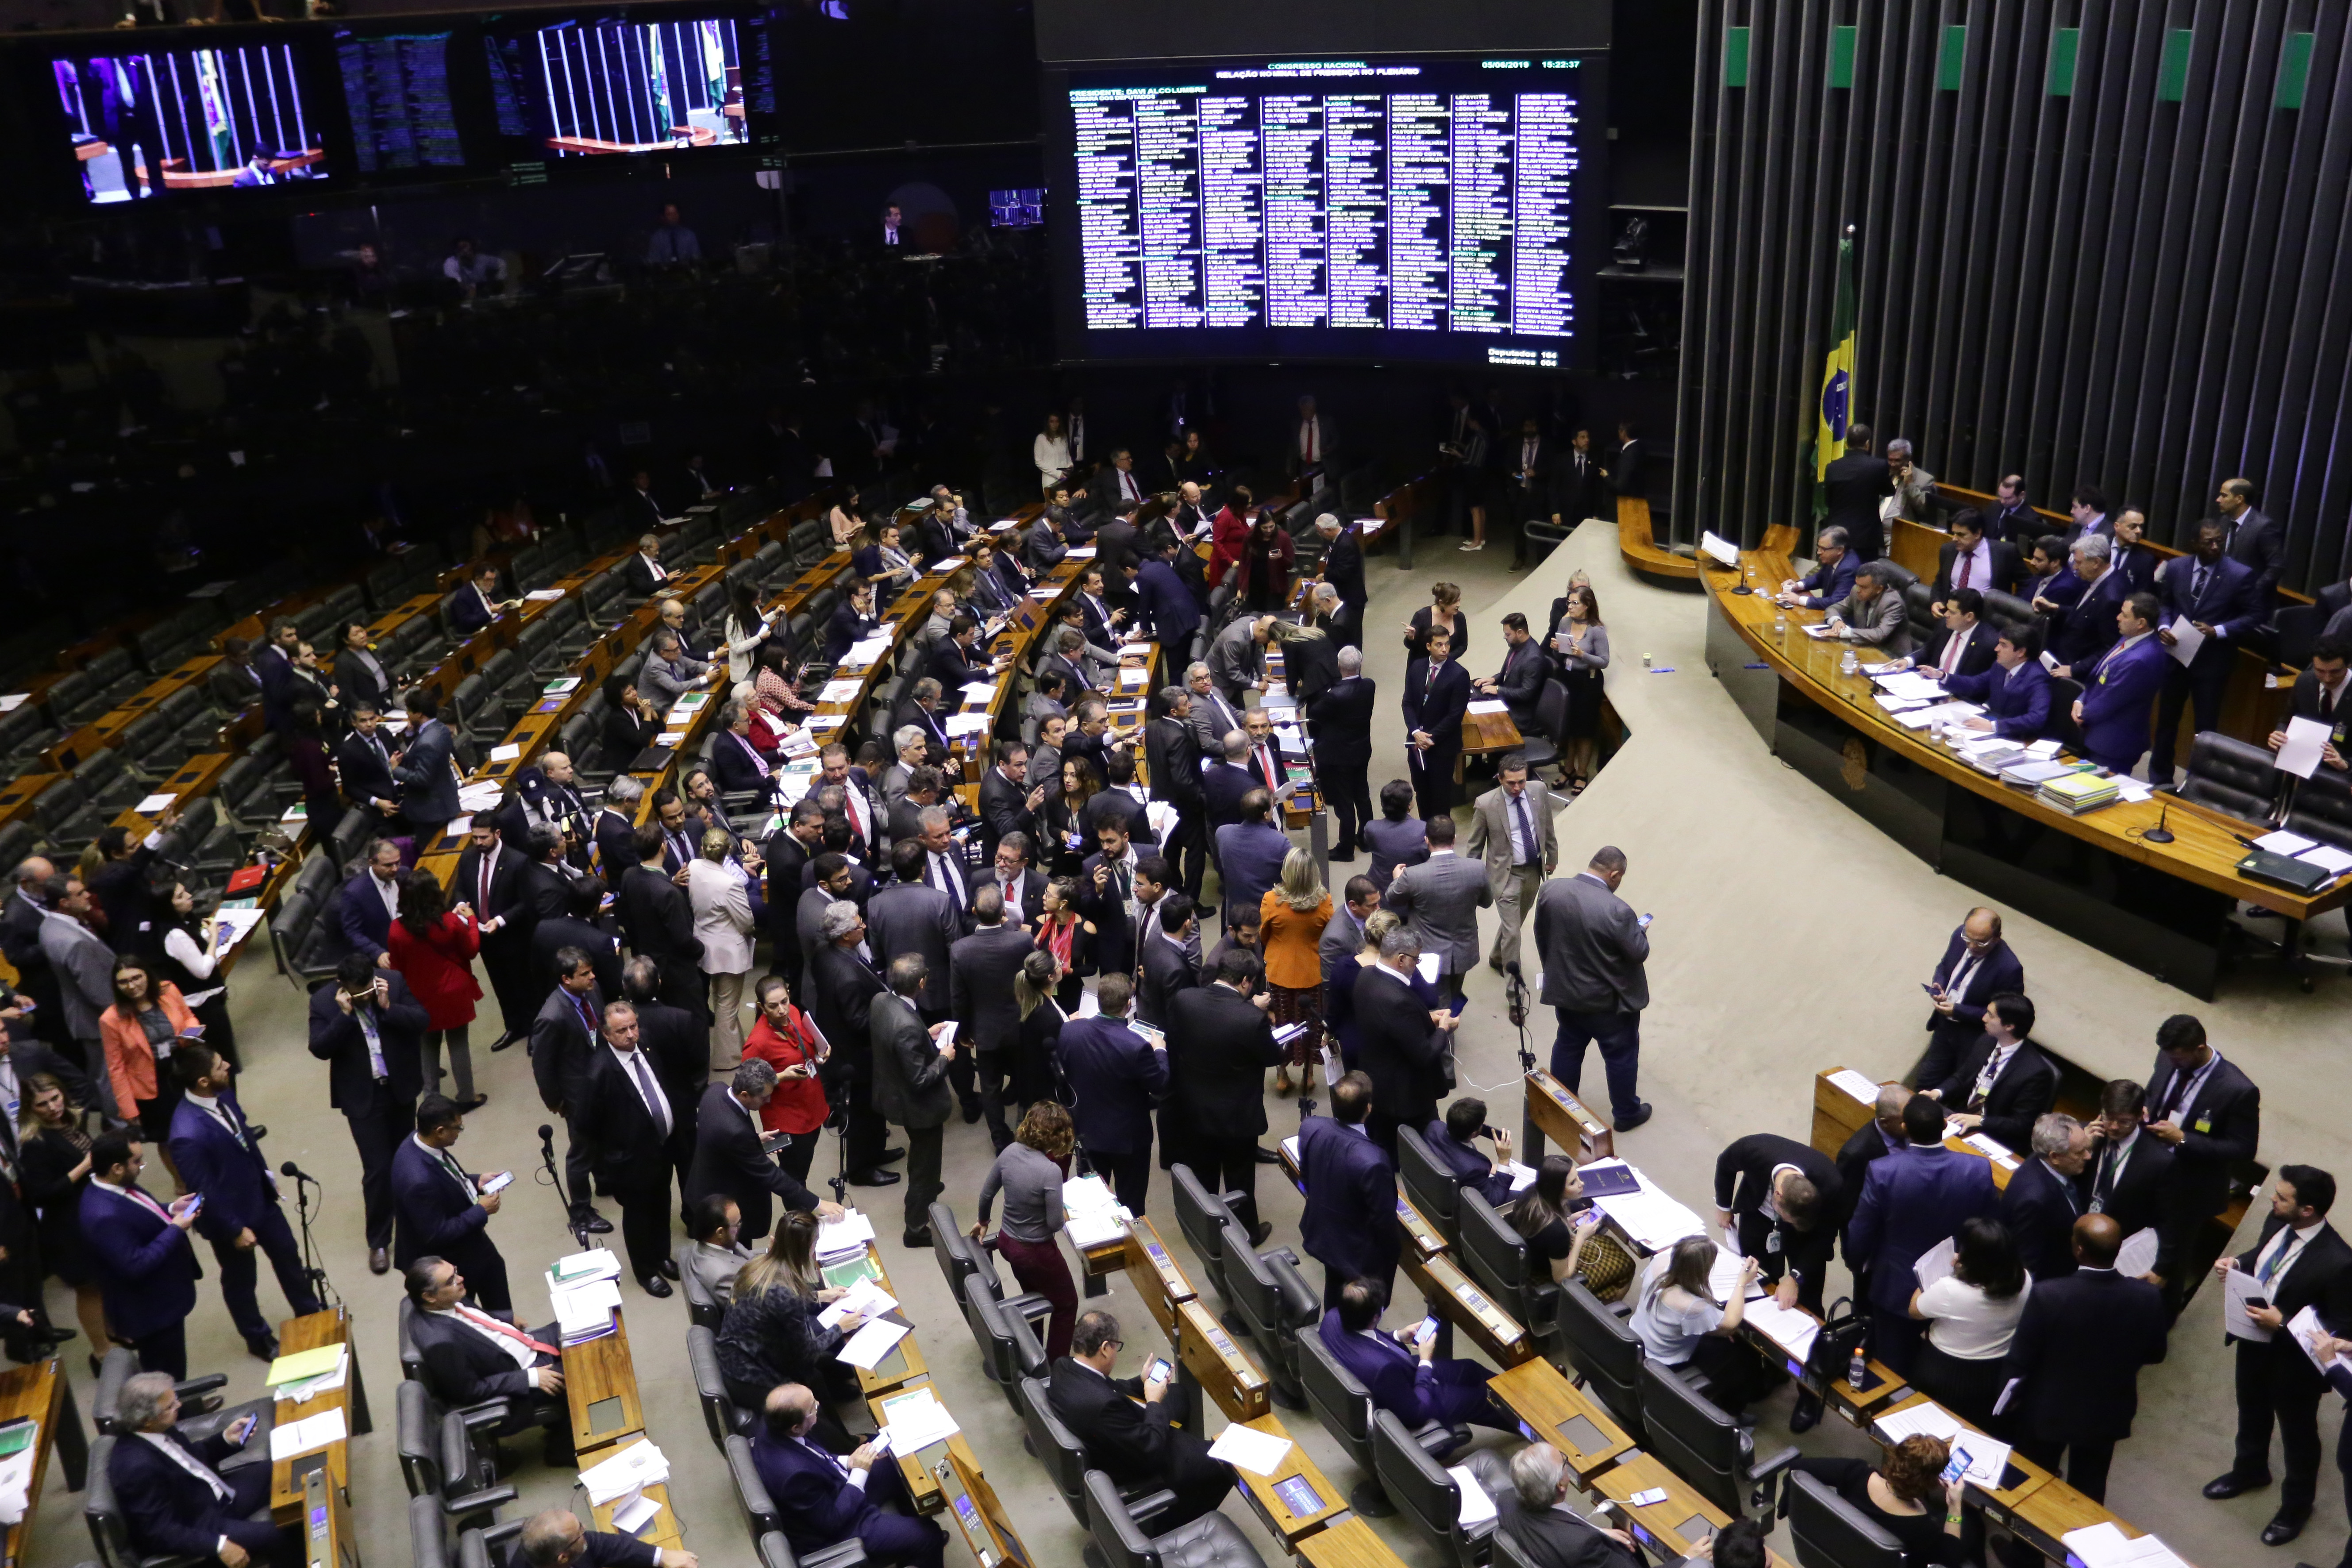 Sessão do Congresso Nacional destinada à deliberação de vetos e do Projeto de Lei do Congresso Nacional nº 4 de 2019